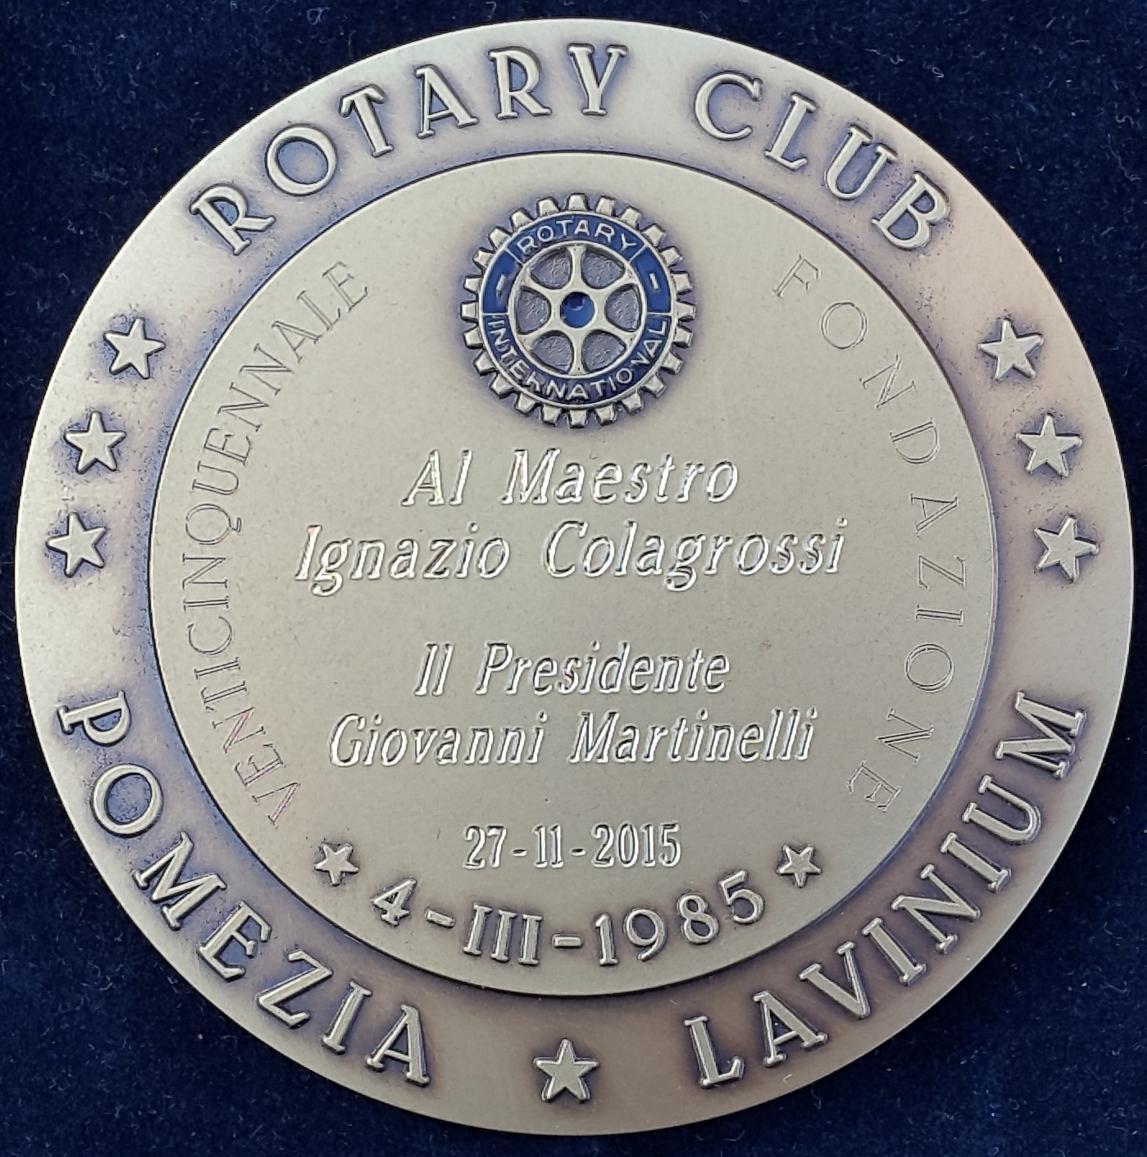 2Madaglia - Rotary Club Pomezia Lavinium - dietro